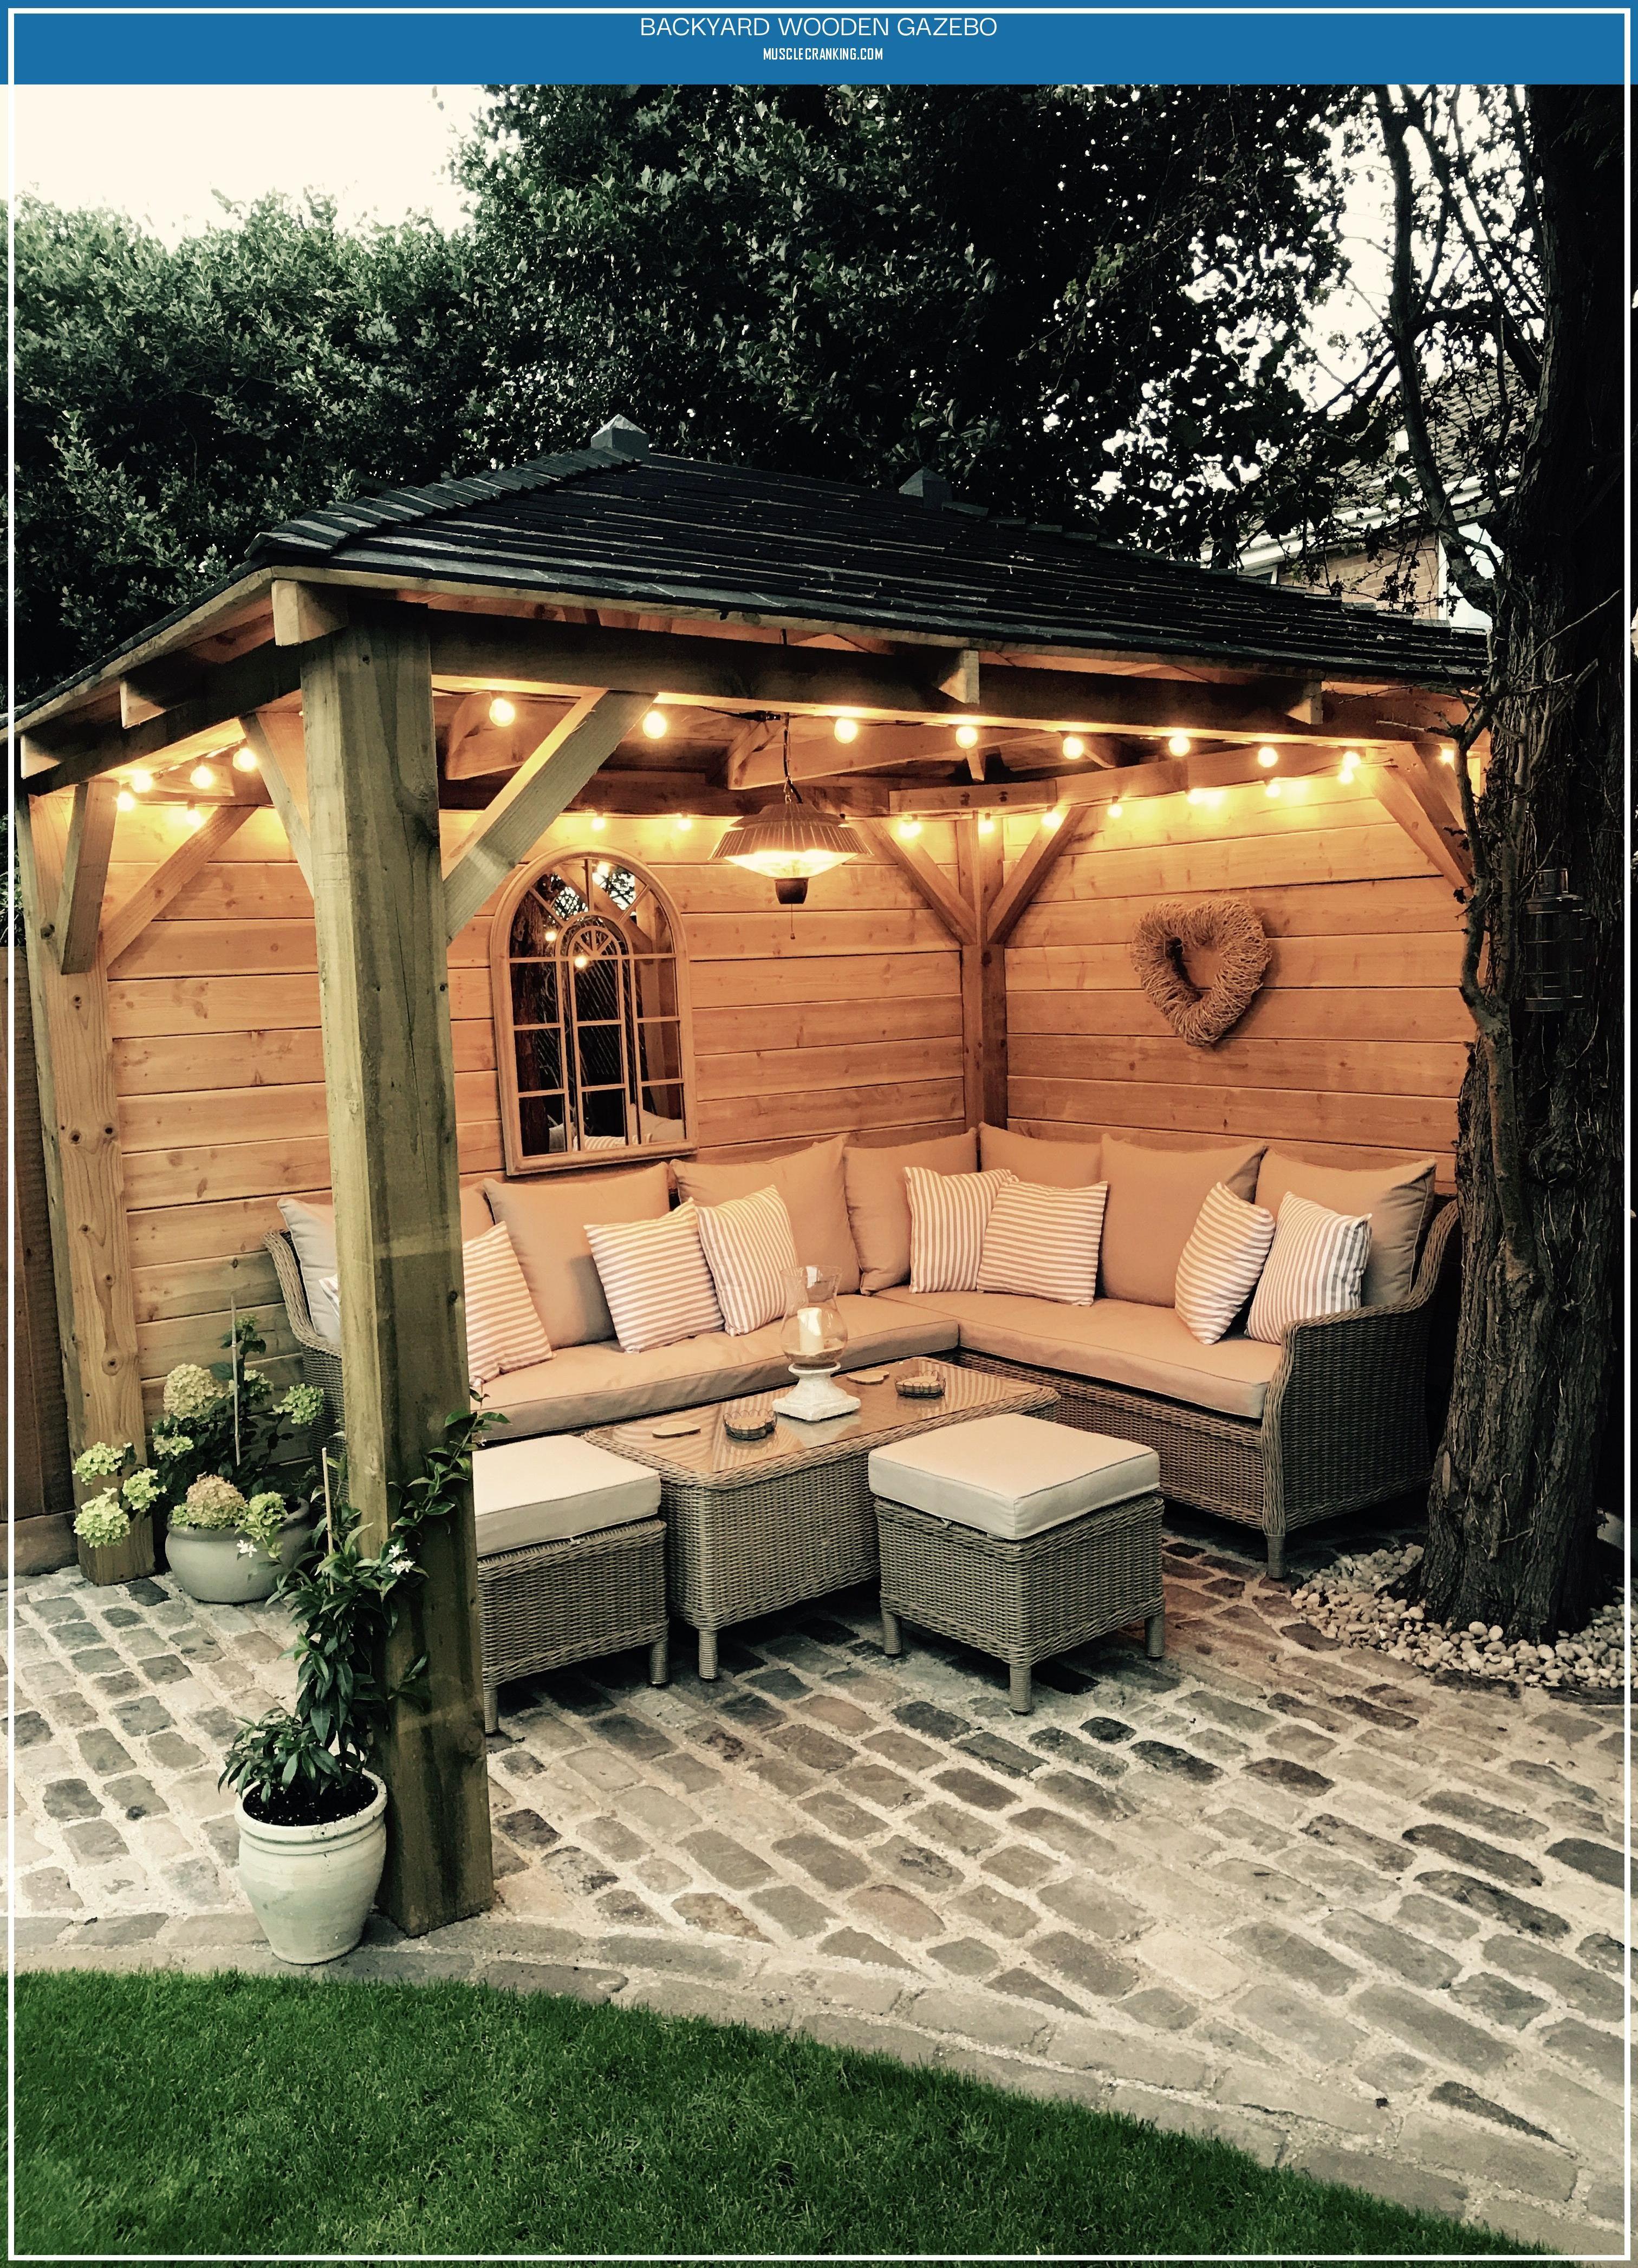 backyard wooden gazebo 2021 patio